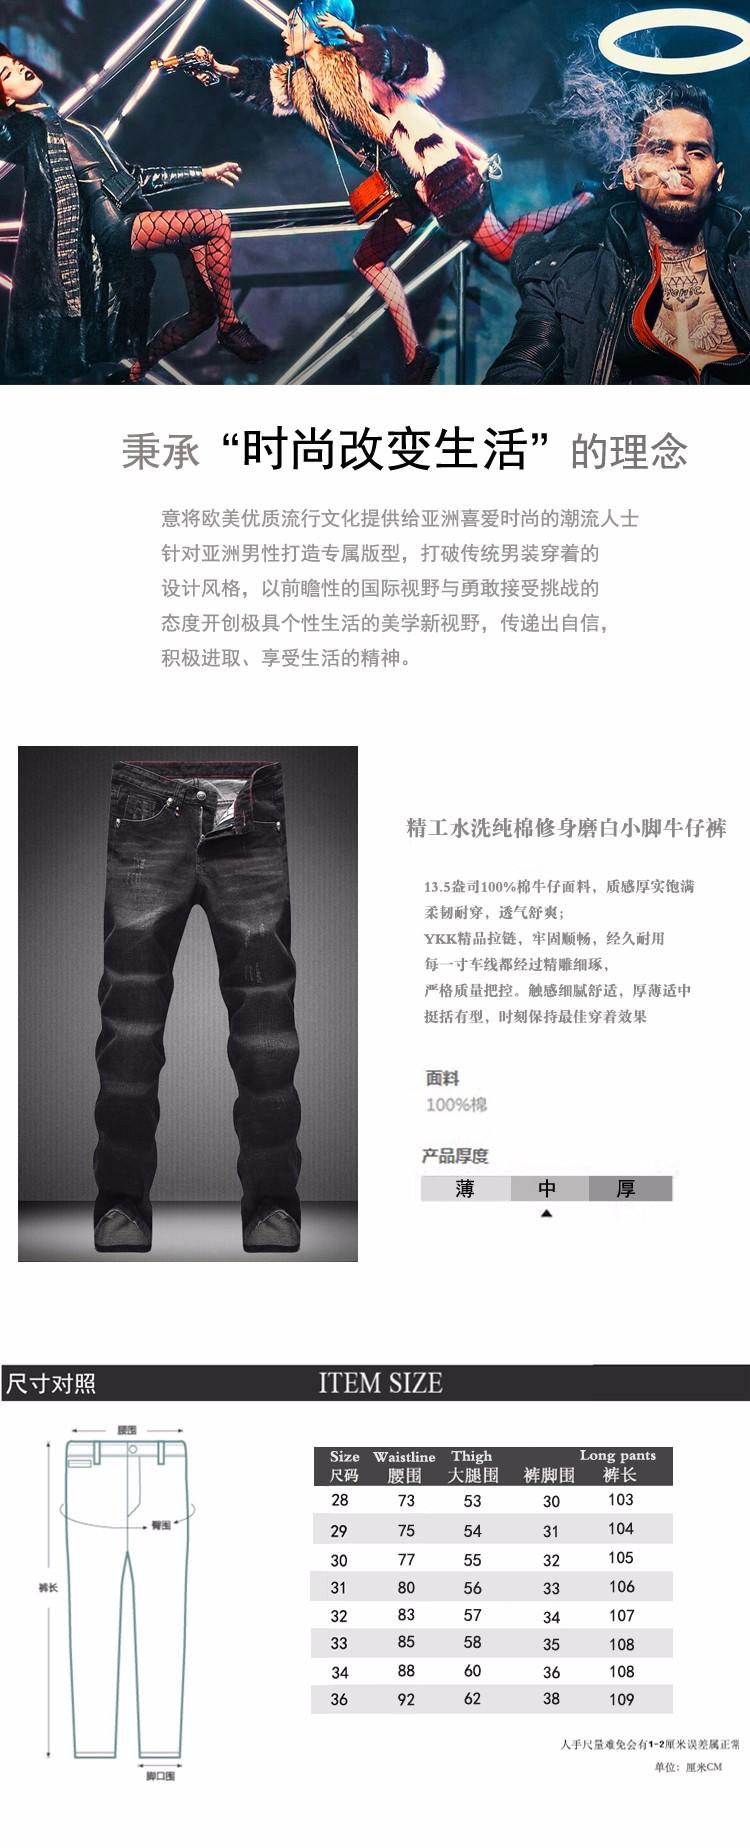 Скидки на Показать тонкие Джинсы мужчин Случайные штаны новые Маленькие ноги брюки Высокой качество дизайнер Бренда мужские брюки мальчик джинсы прямые страх божий